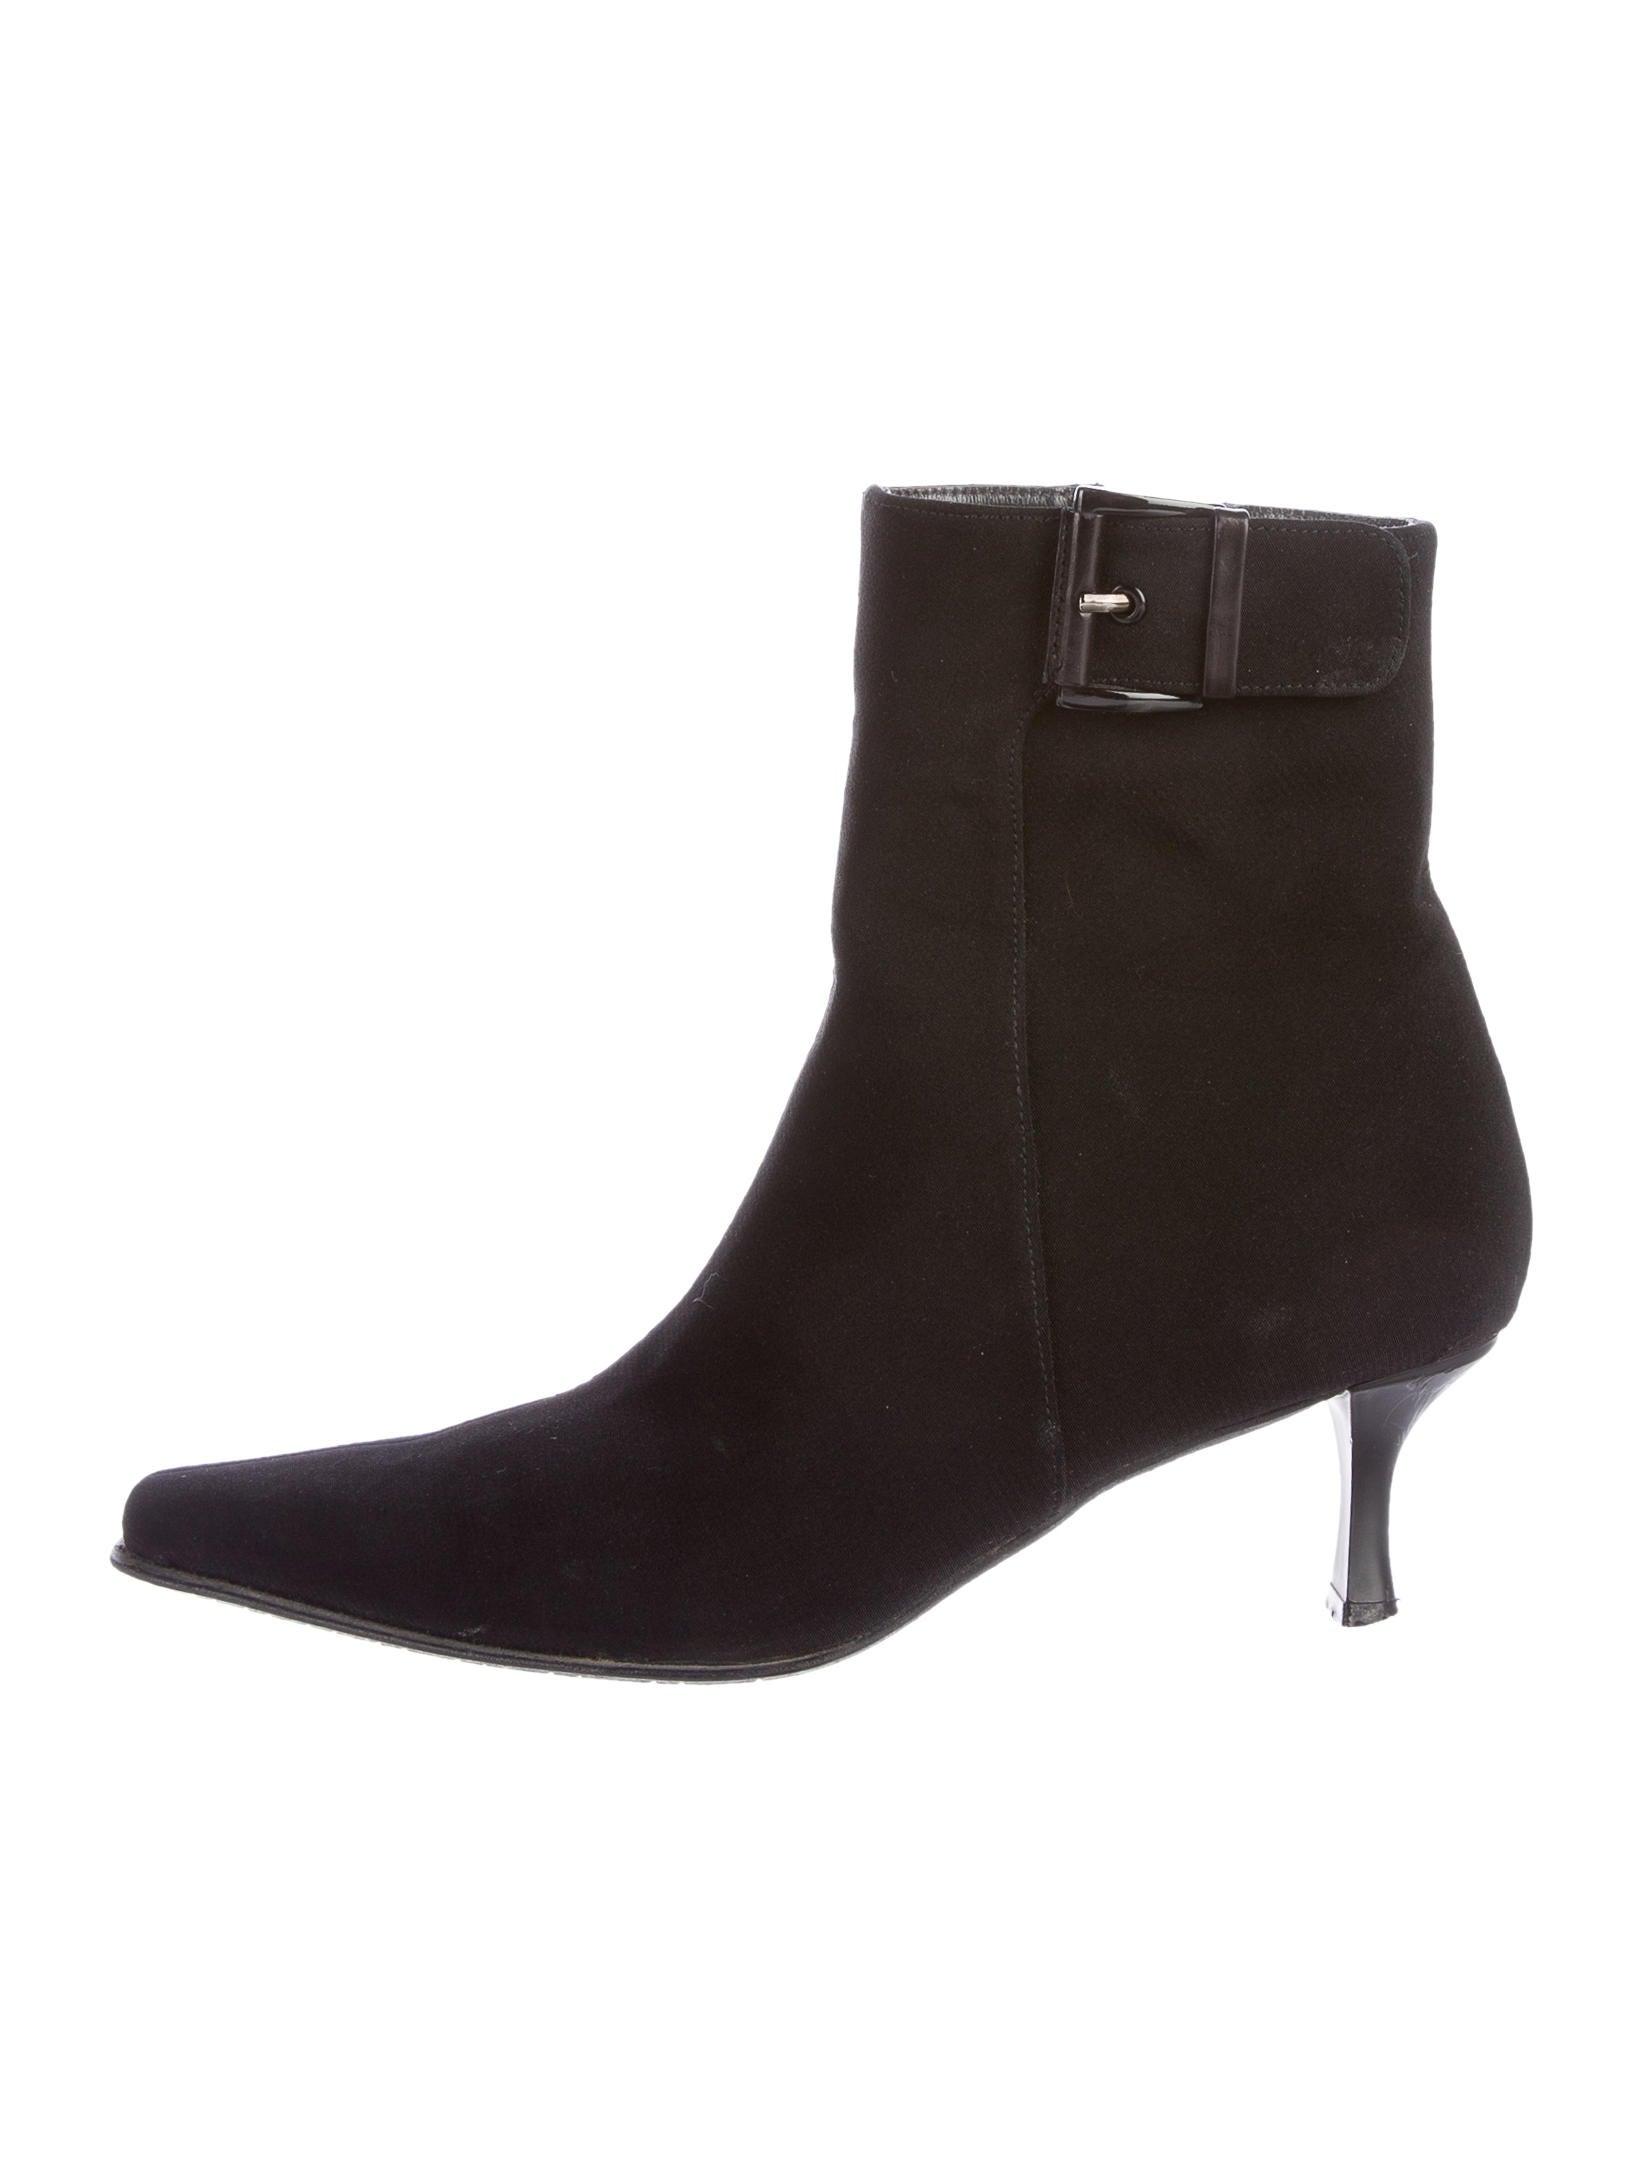 stuart weitzman canvas ankle boots shoes wsu26635